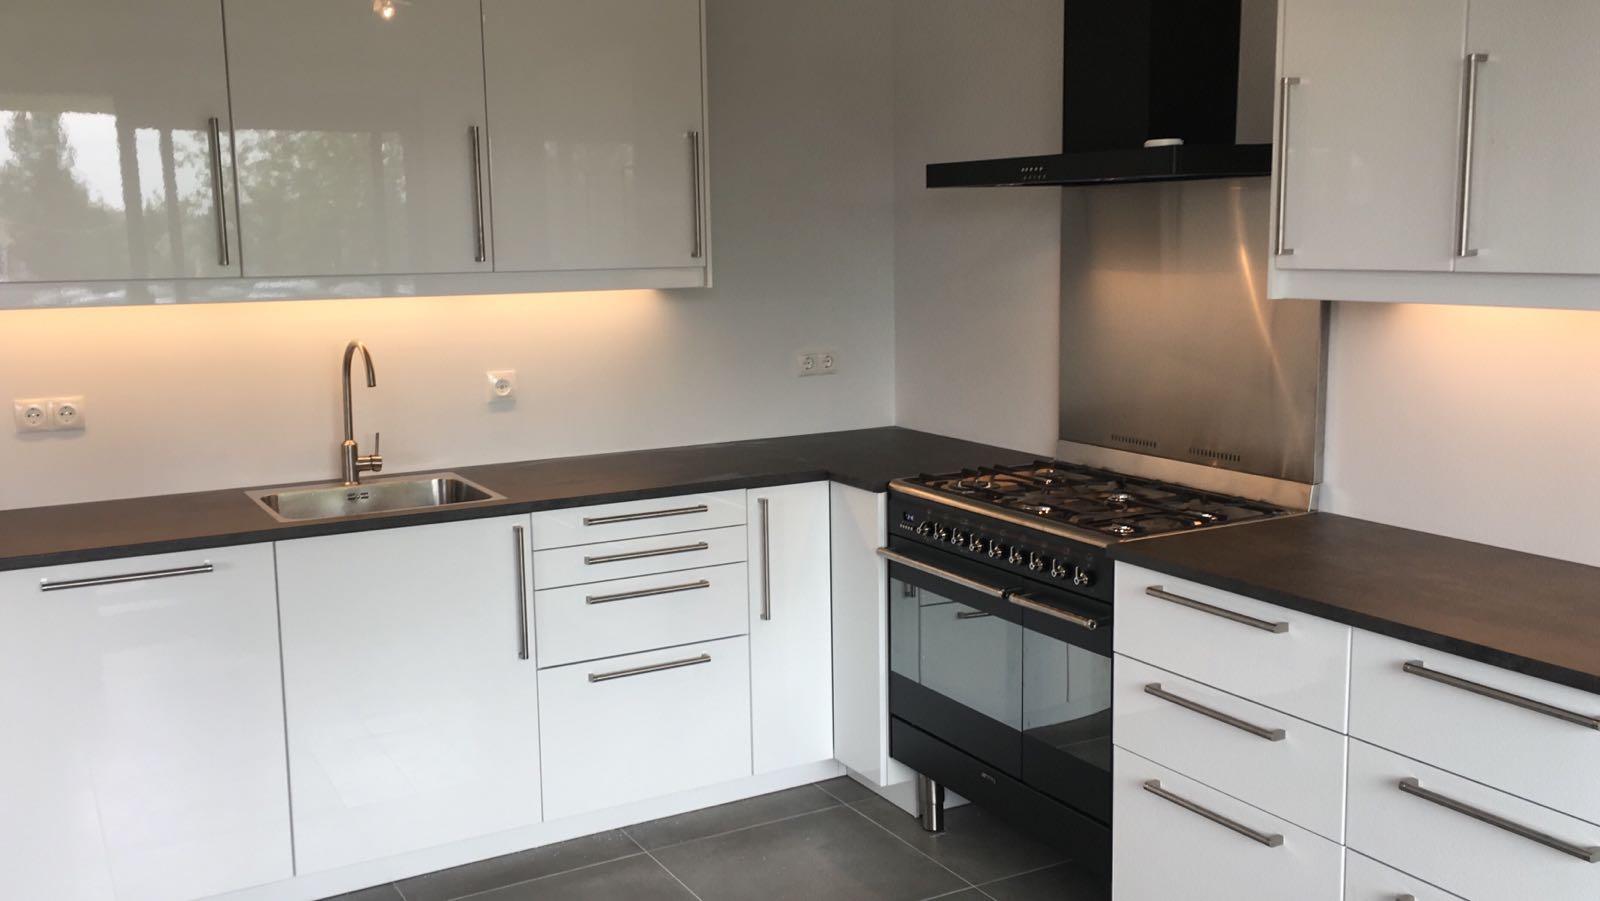 Ikea keuken met smeg apparatuur monteren marco rietdijk for Keuken samenstellen ikea